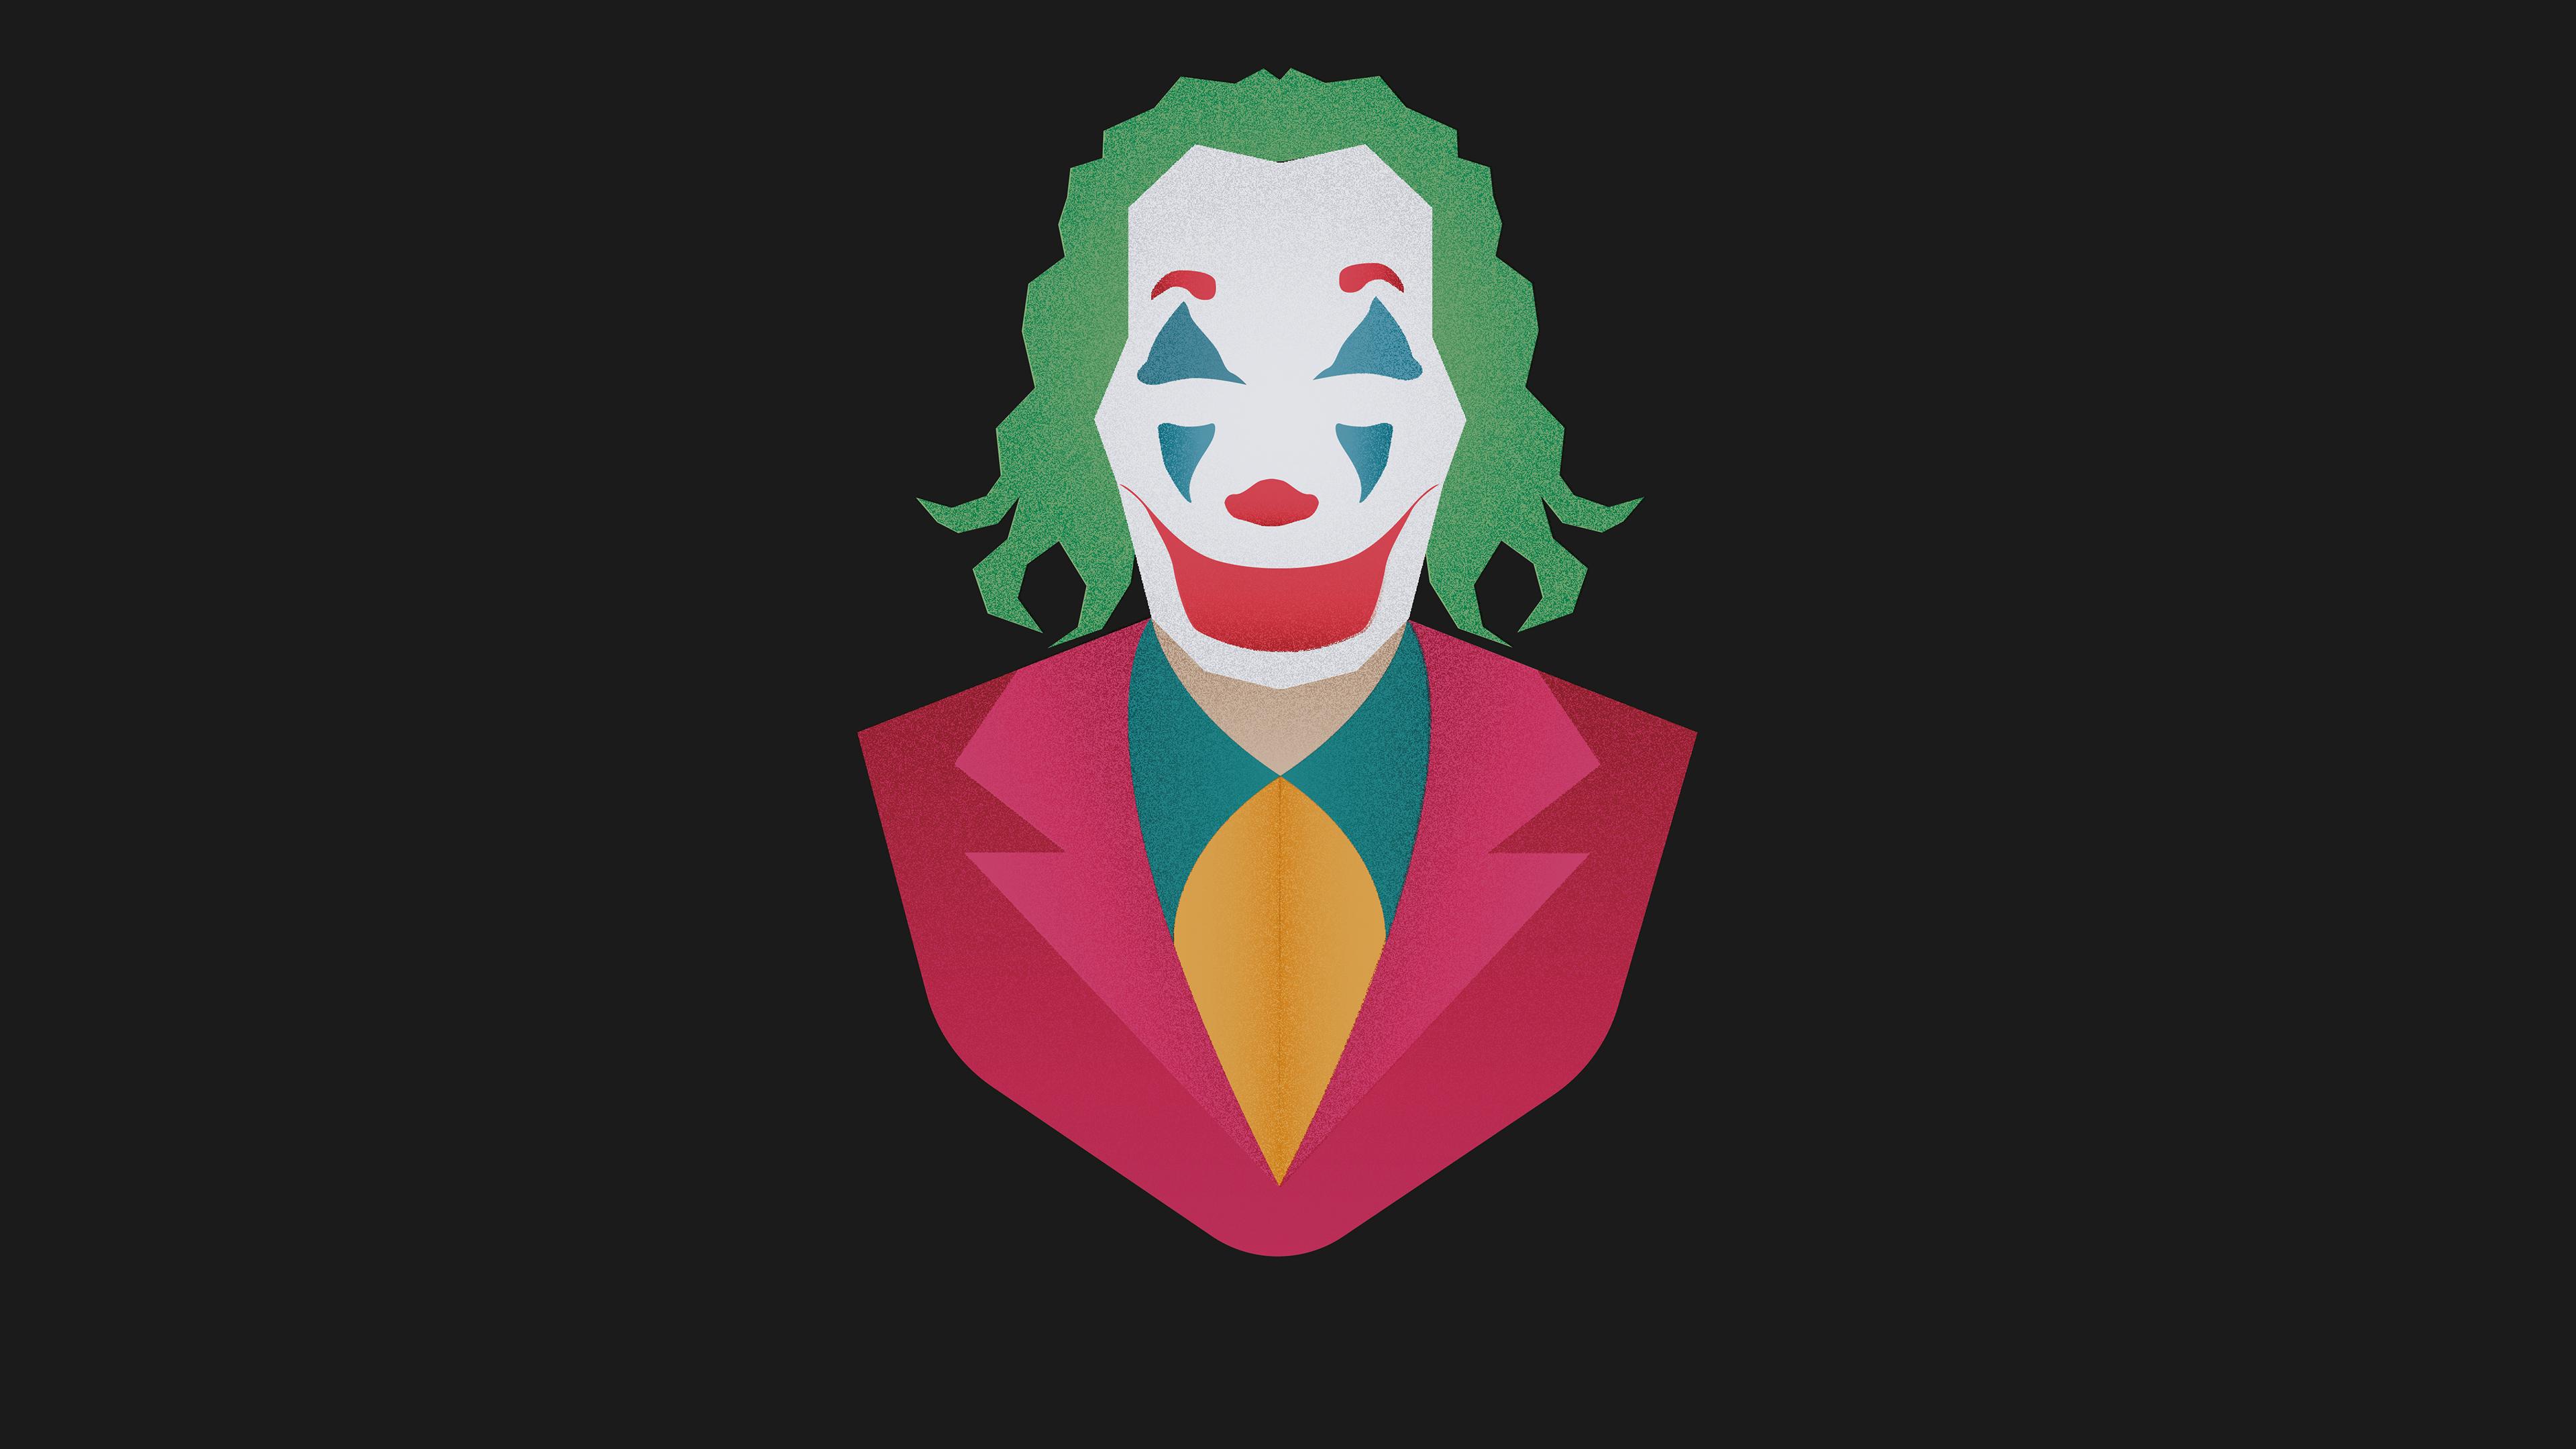 joker movie minimalism2 1572368774 - Joker Movie Minimalism2 - supervillain wallpapers, superheroes wallpapers, joker wallpapers, joker movie wallpapers, hd-wallpapers, behance wallpapers, artwork wallpapers, 4k-wallpapers